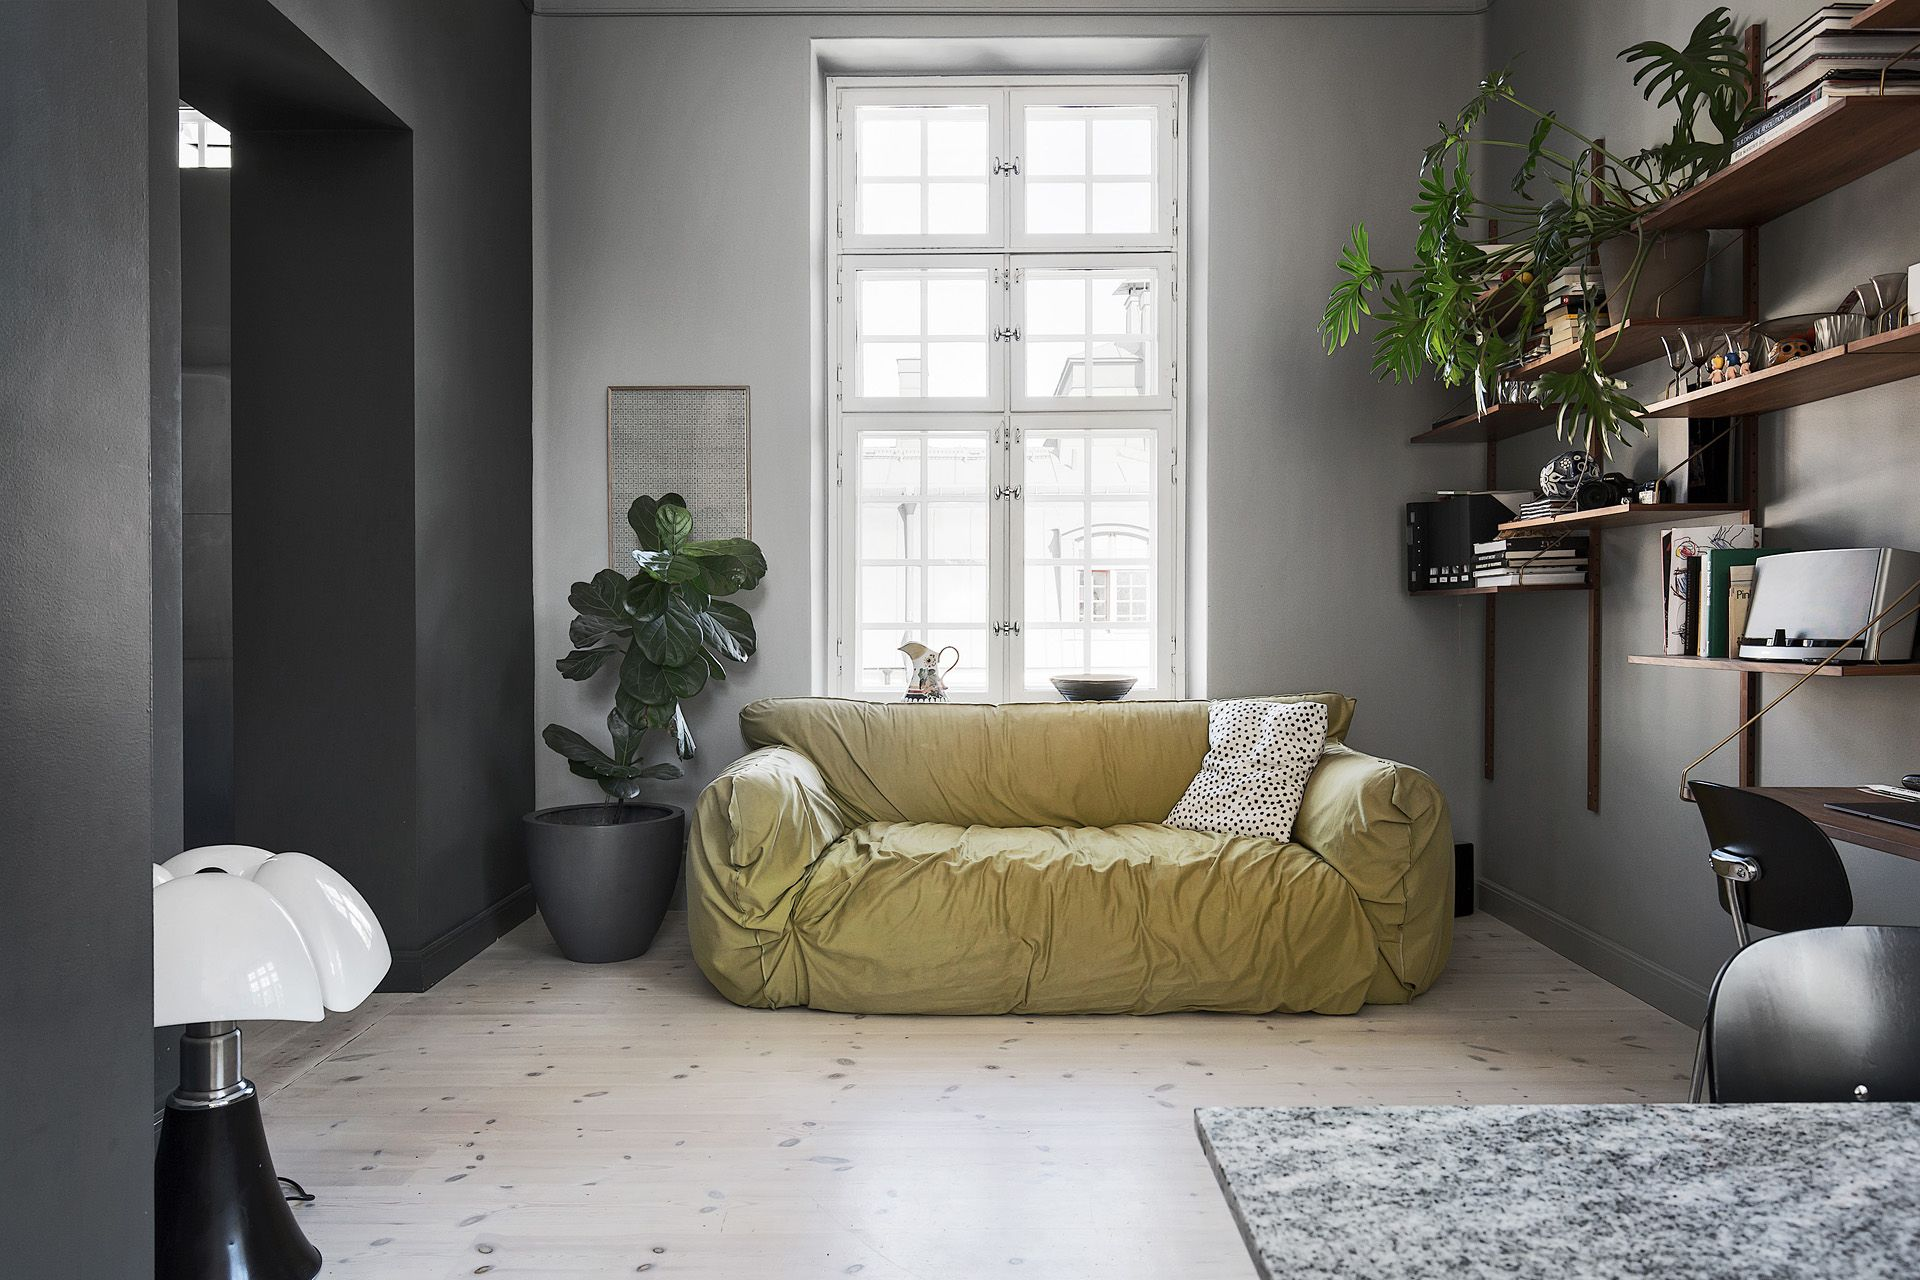 Pingl par plan te d co sur design interior pinterest deco design planete deco et mobilier for Deco mobilier design